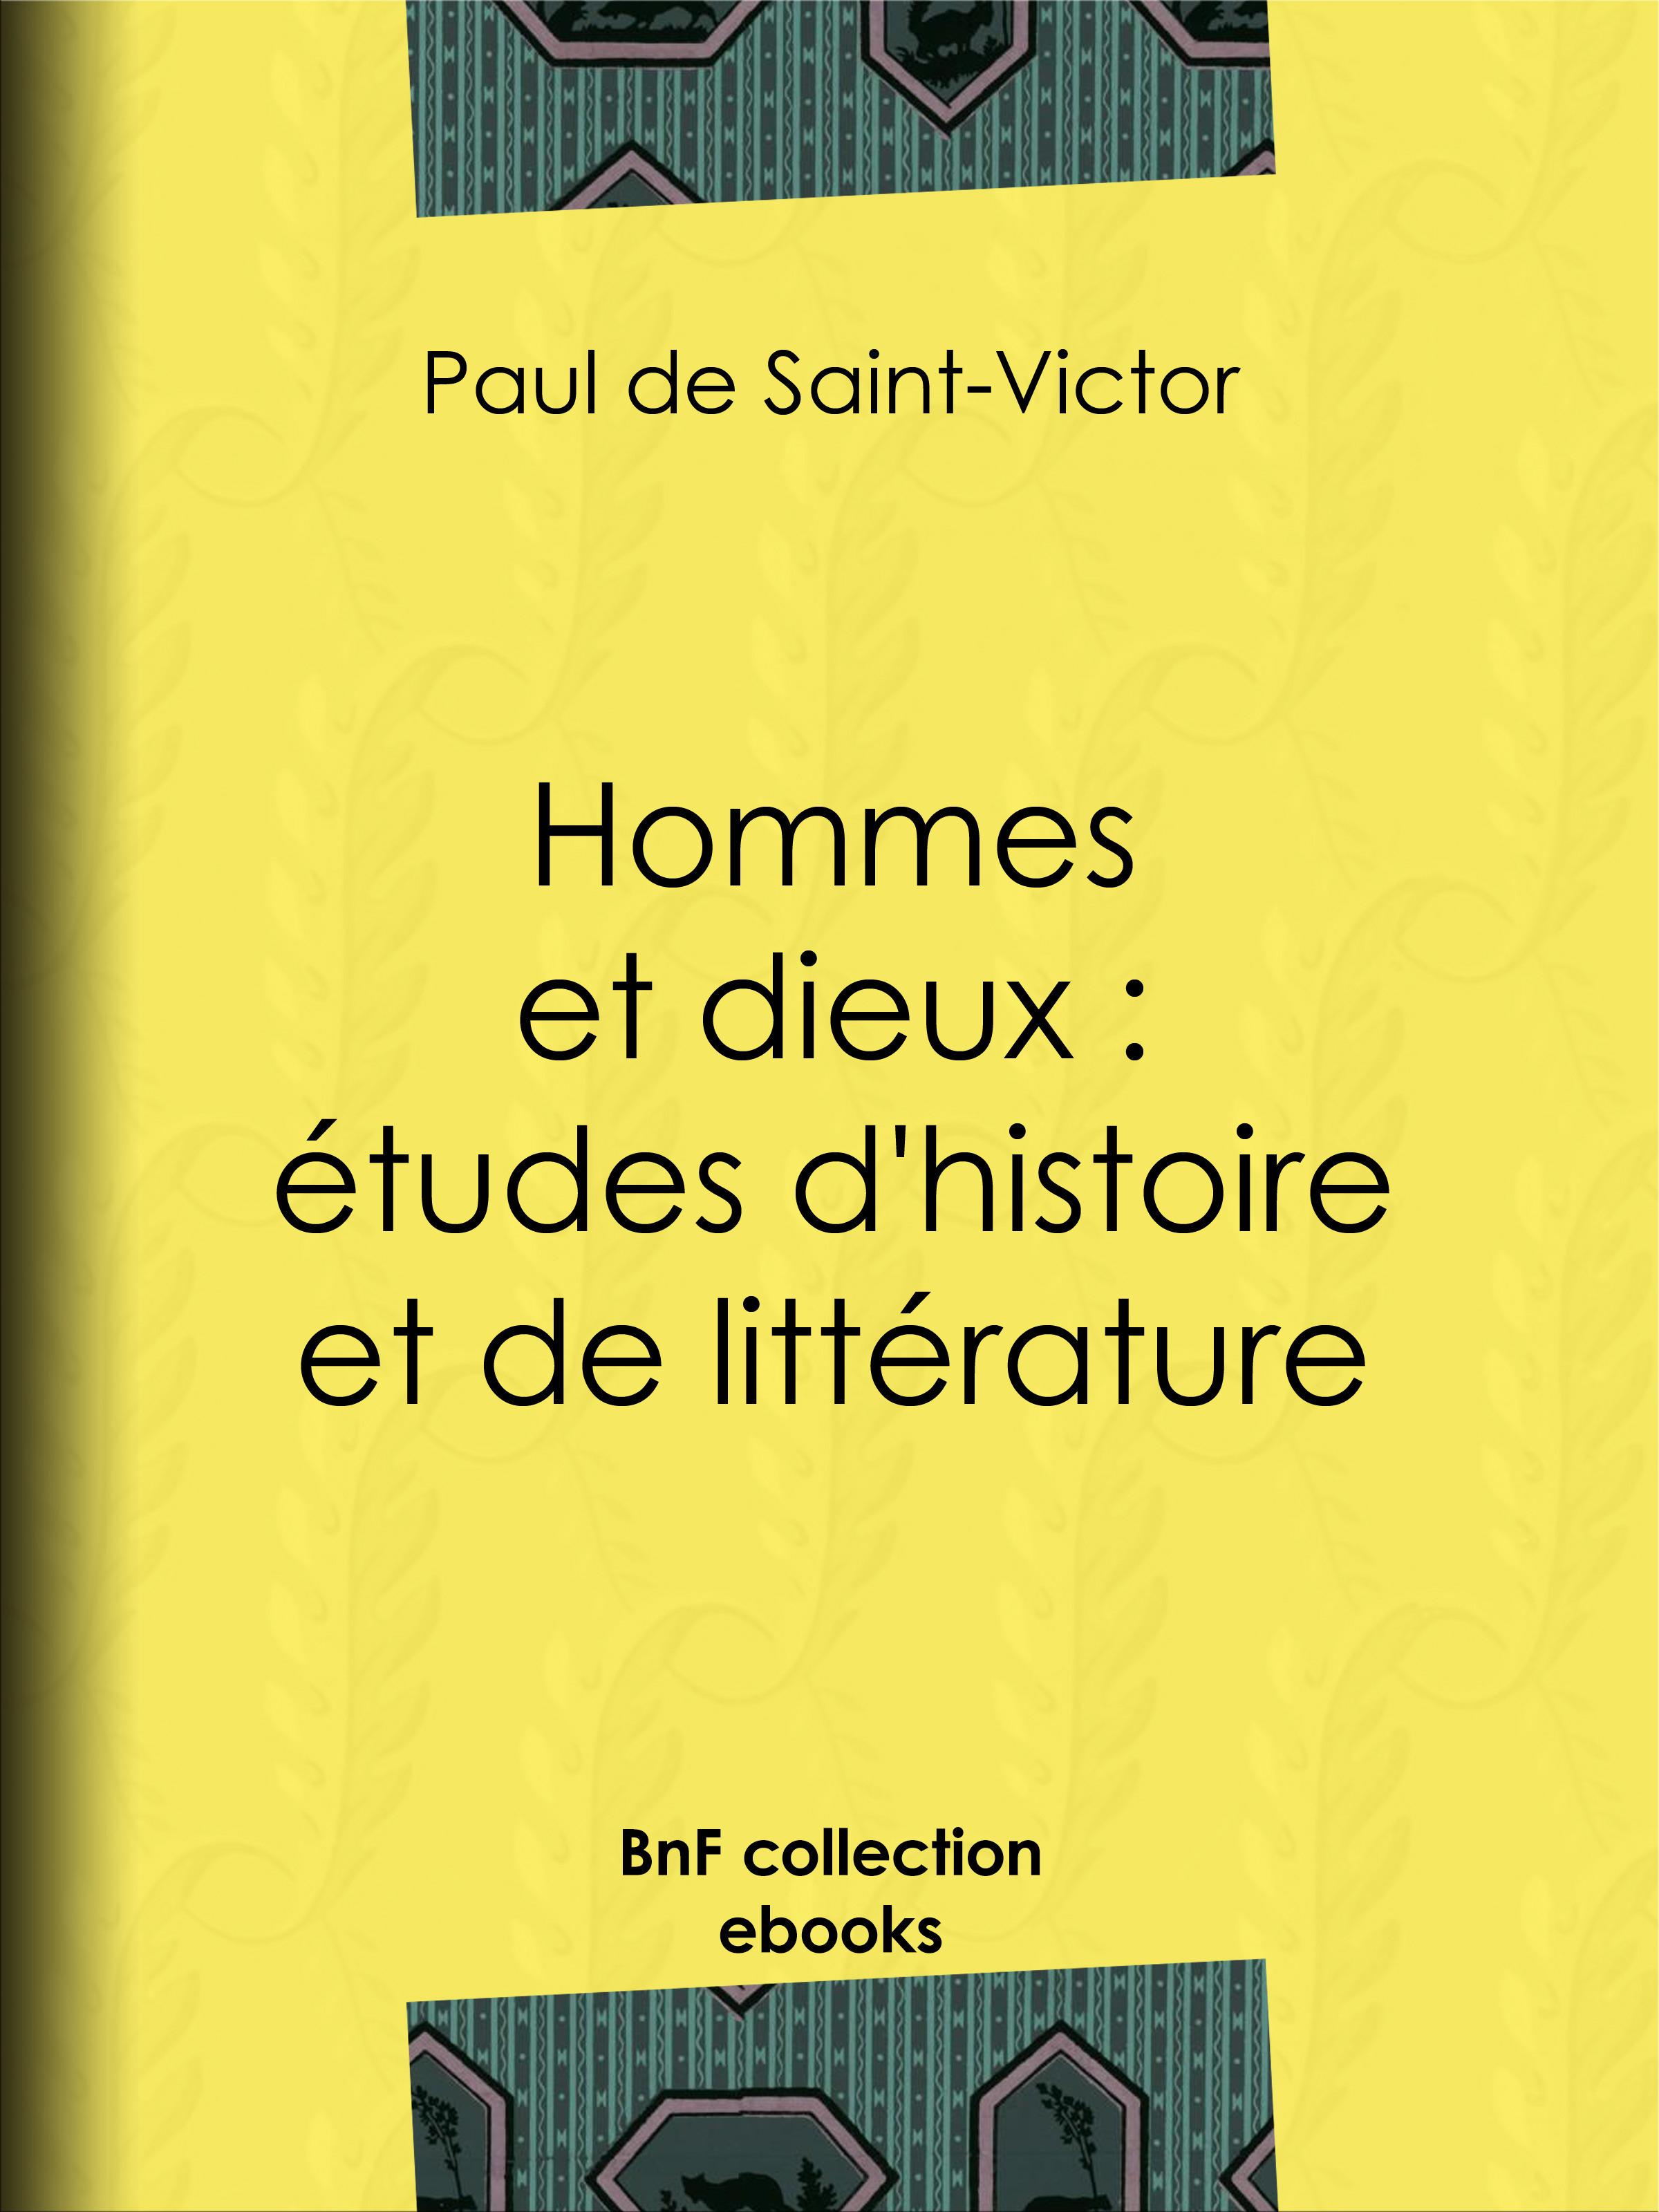 Hommes et dieux : études d'histoire et de littérature  - Paul de Saint-Victor